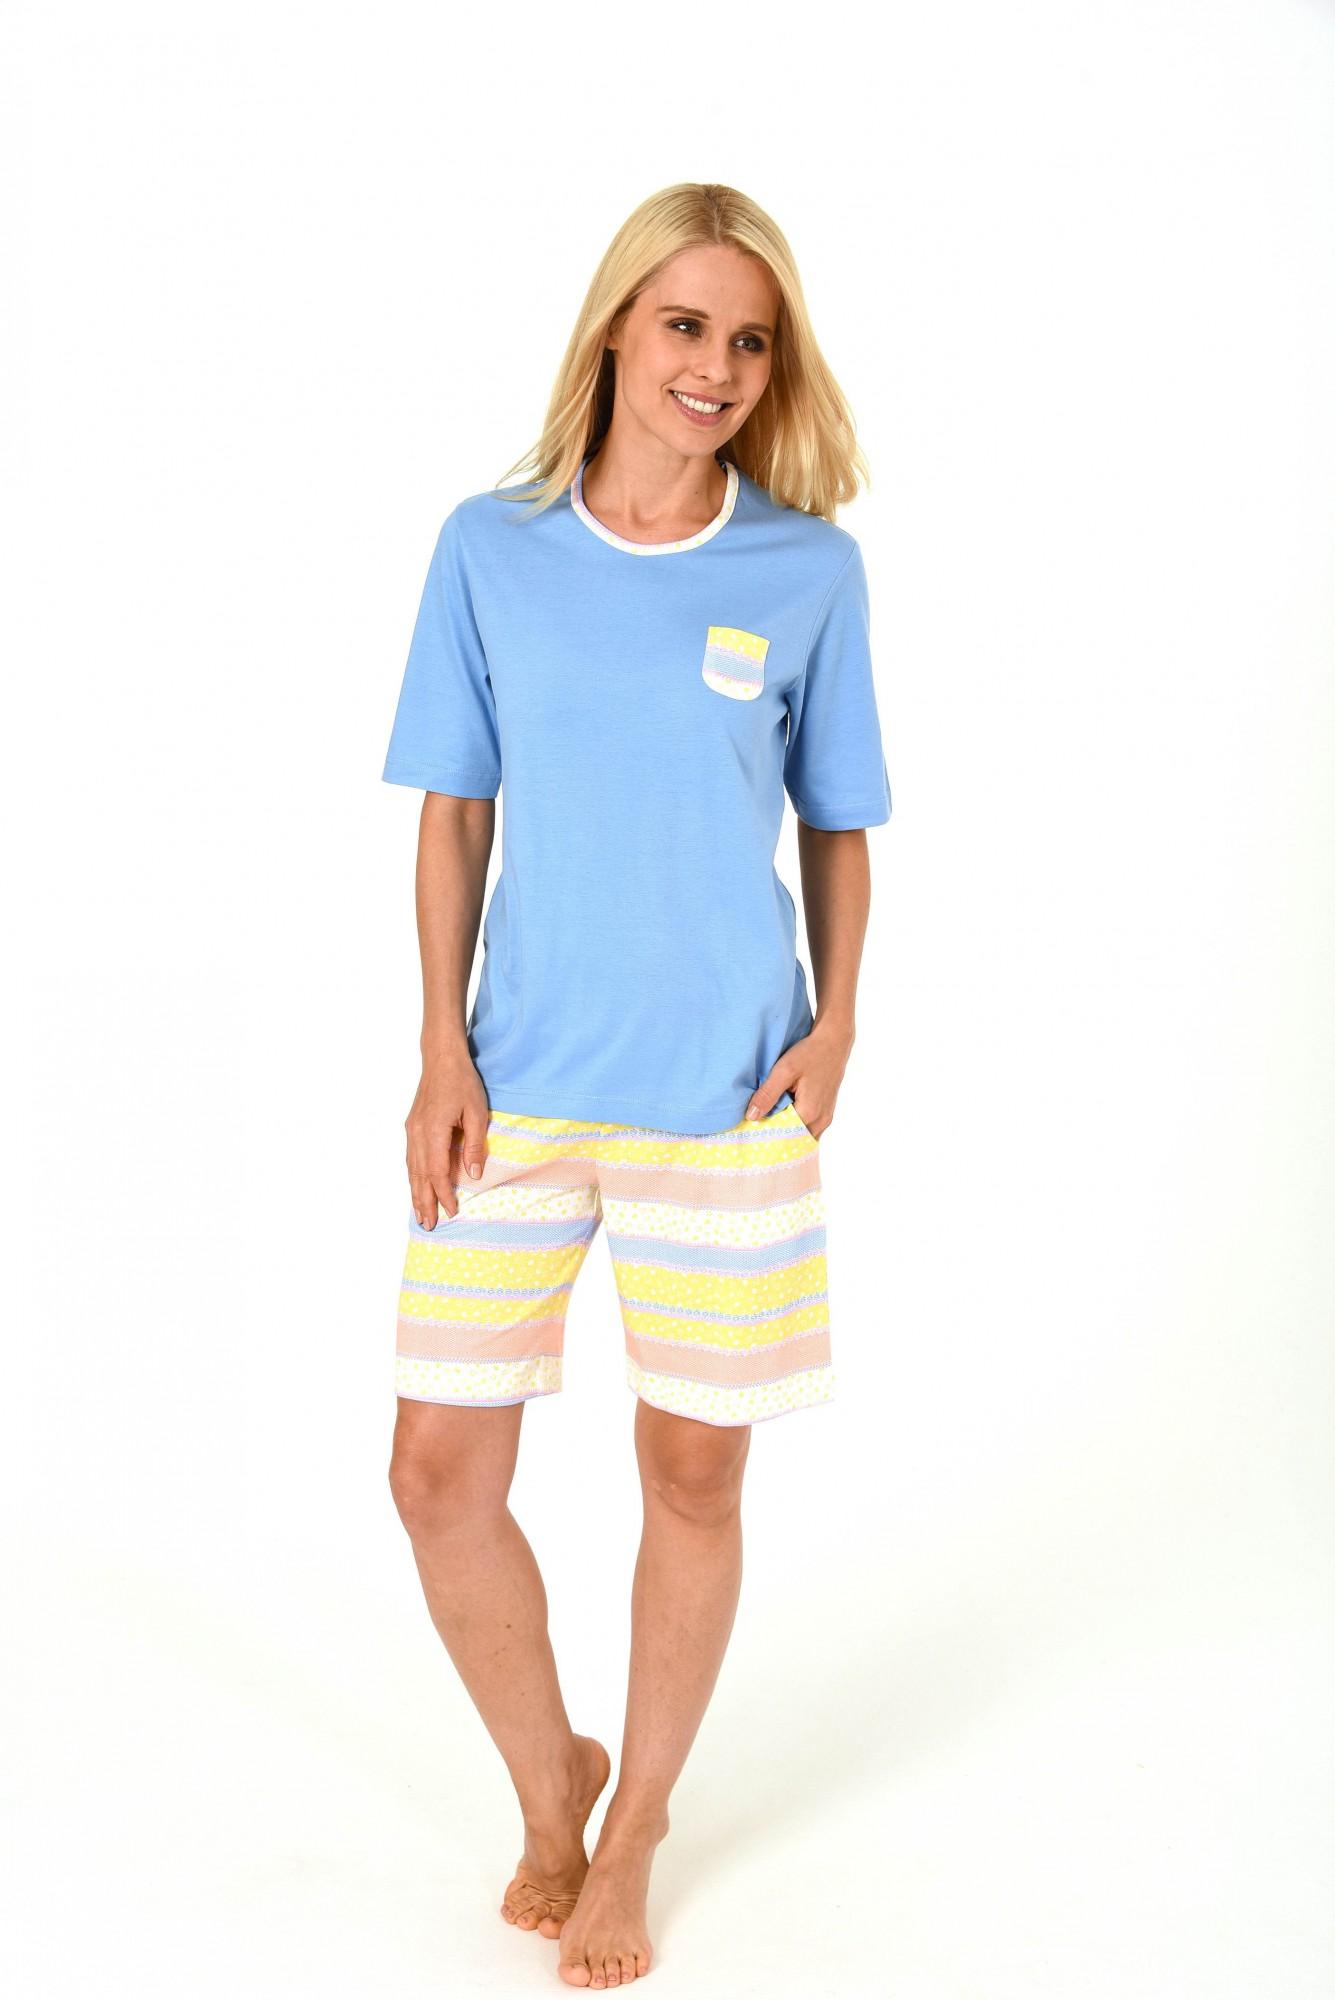 Schöner Damen Shorty Pyjama kurzarm in toller frischer Optik – 171 205 90 815 001